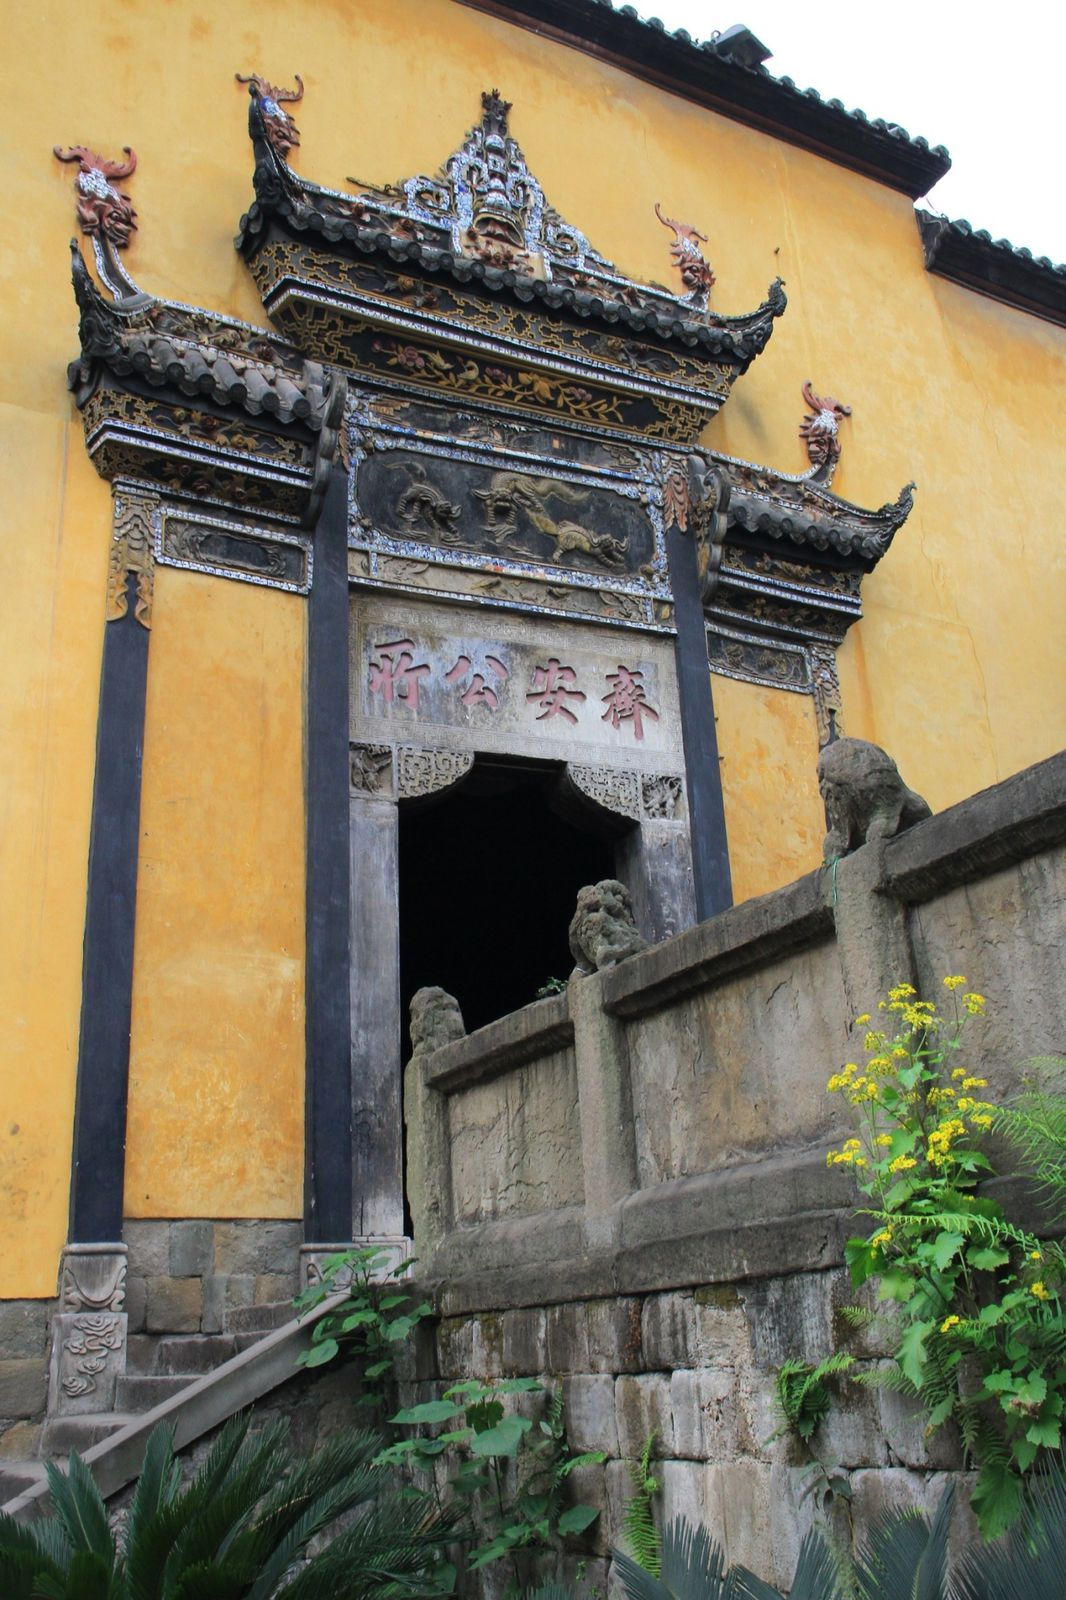 La maison de la guilde (湖广会馆).